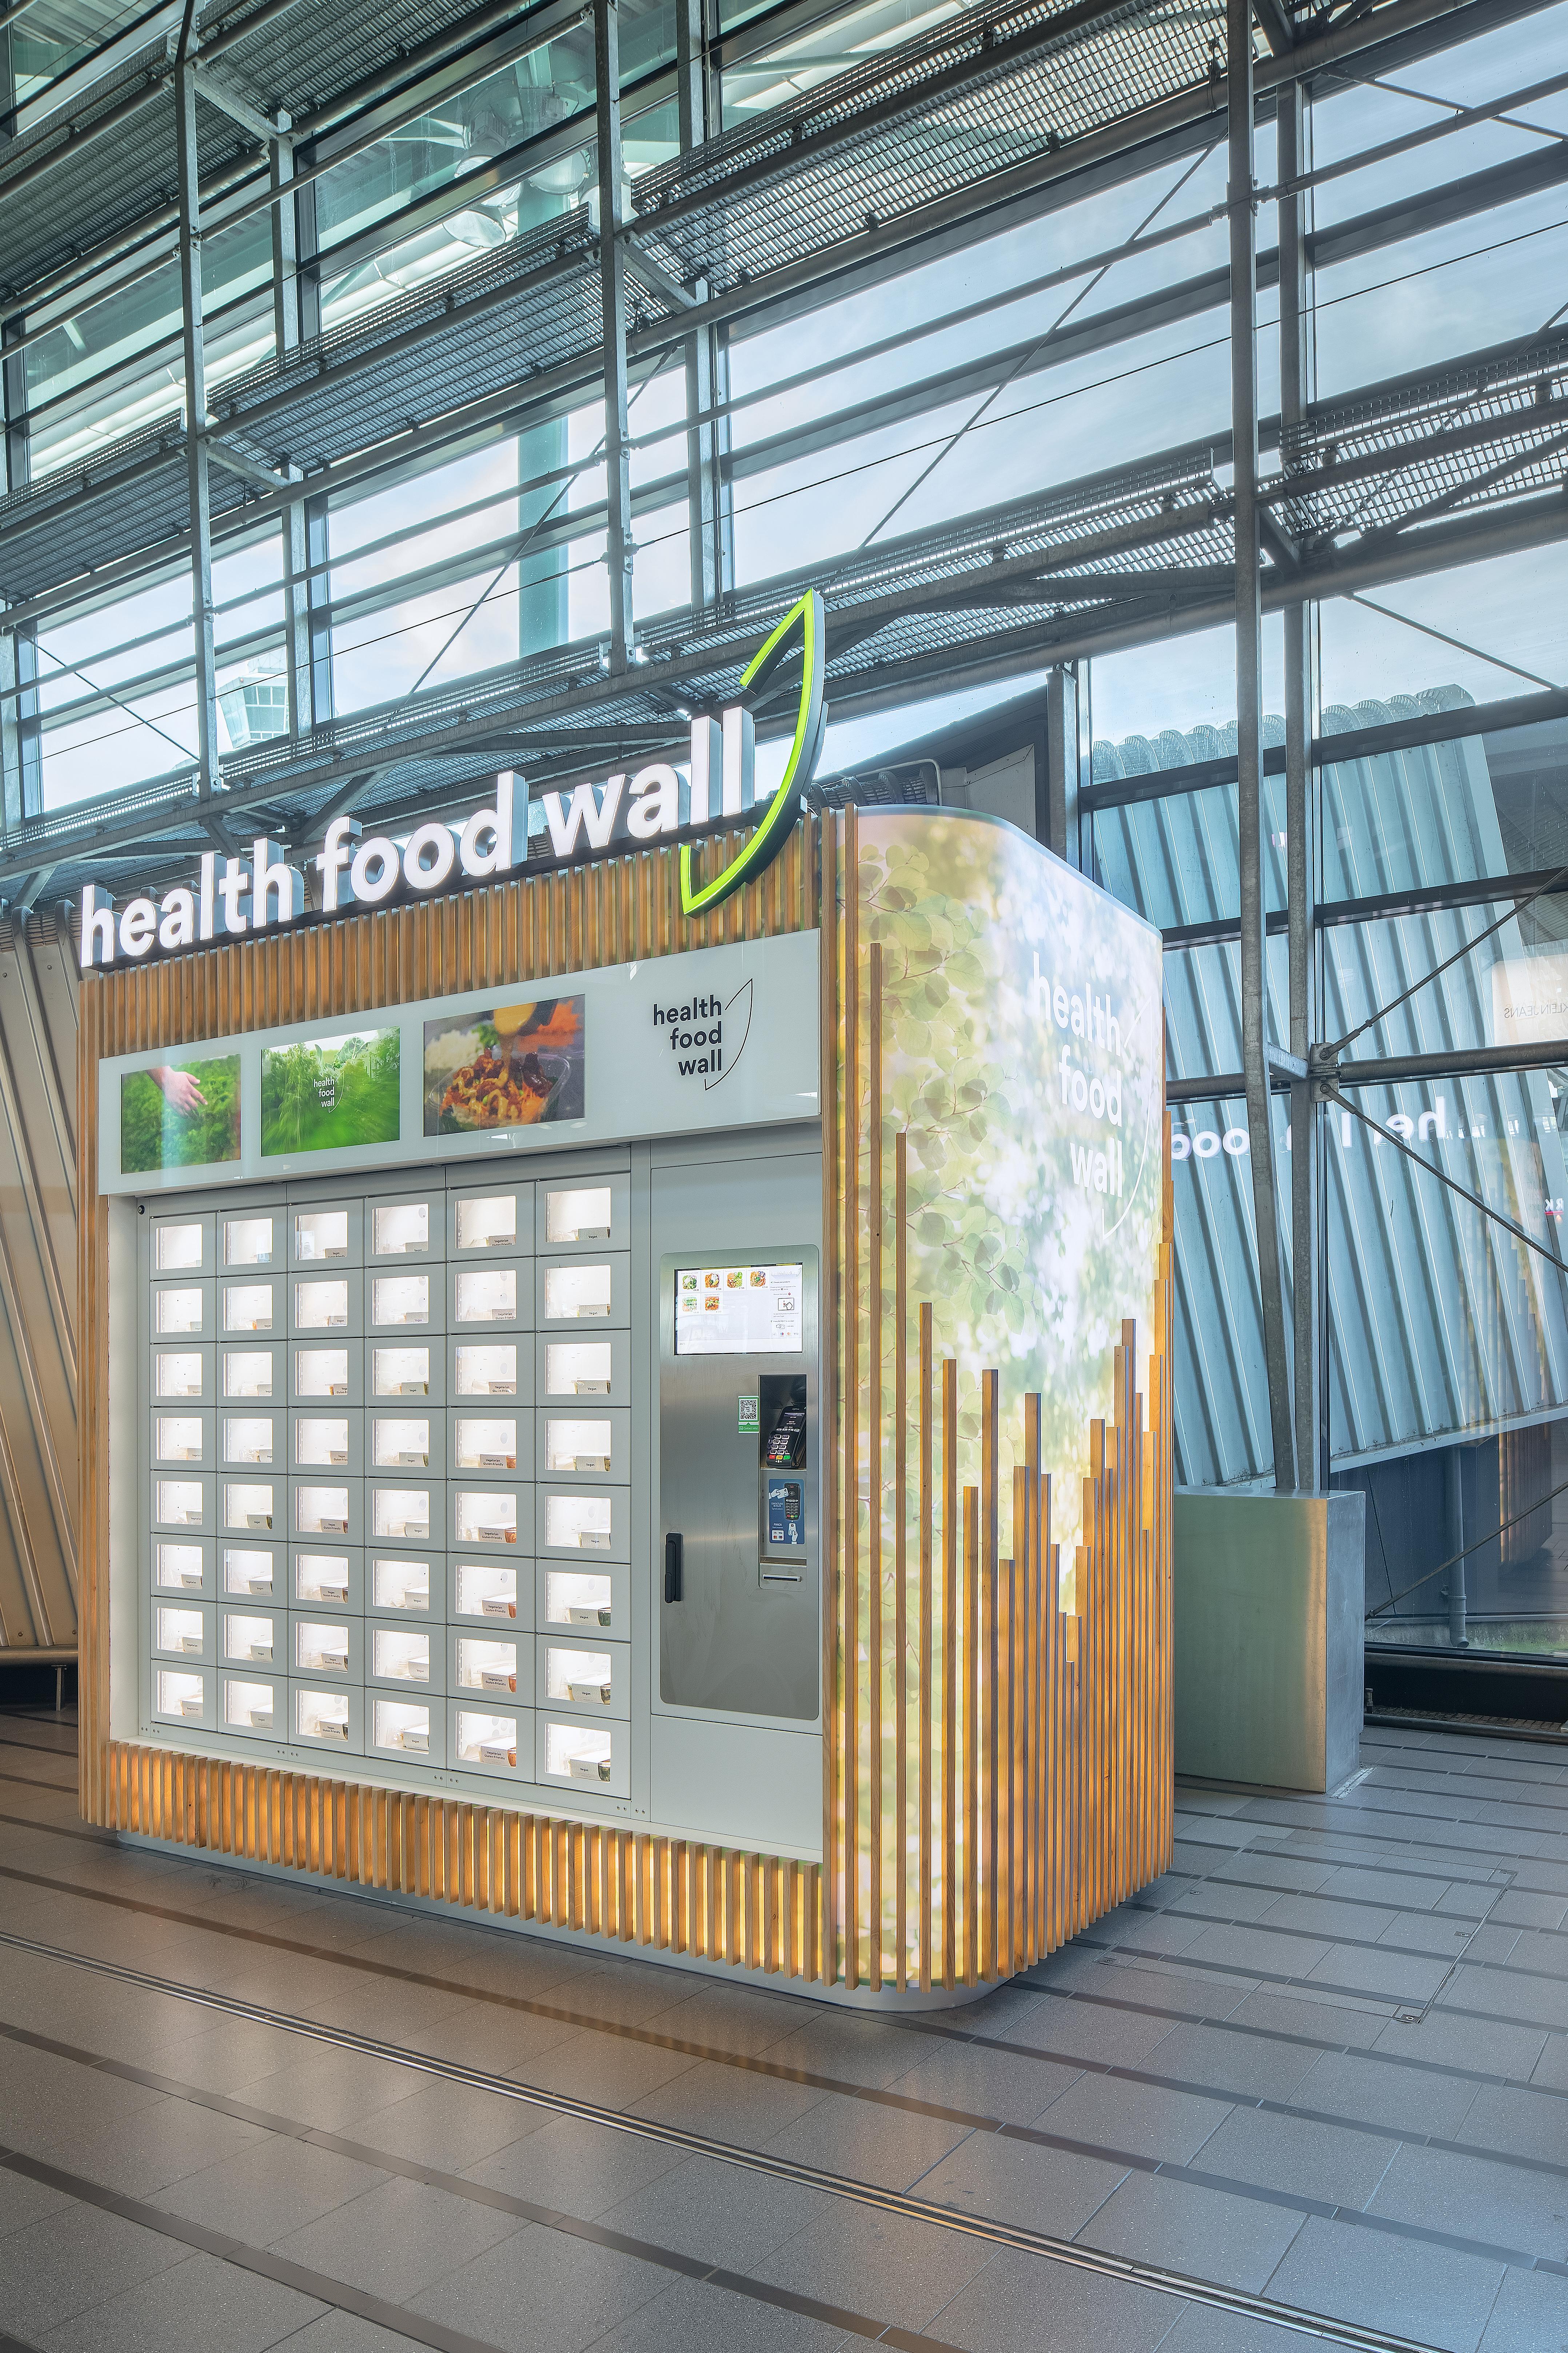 Healthfoodwall_standardstudio3